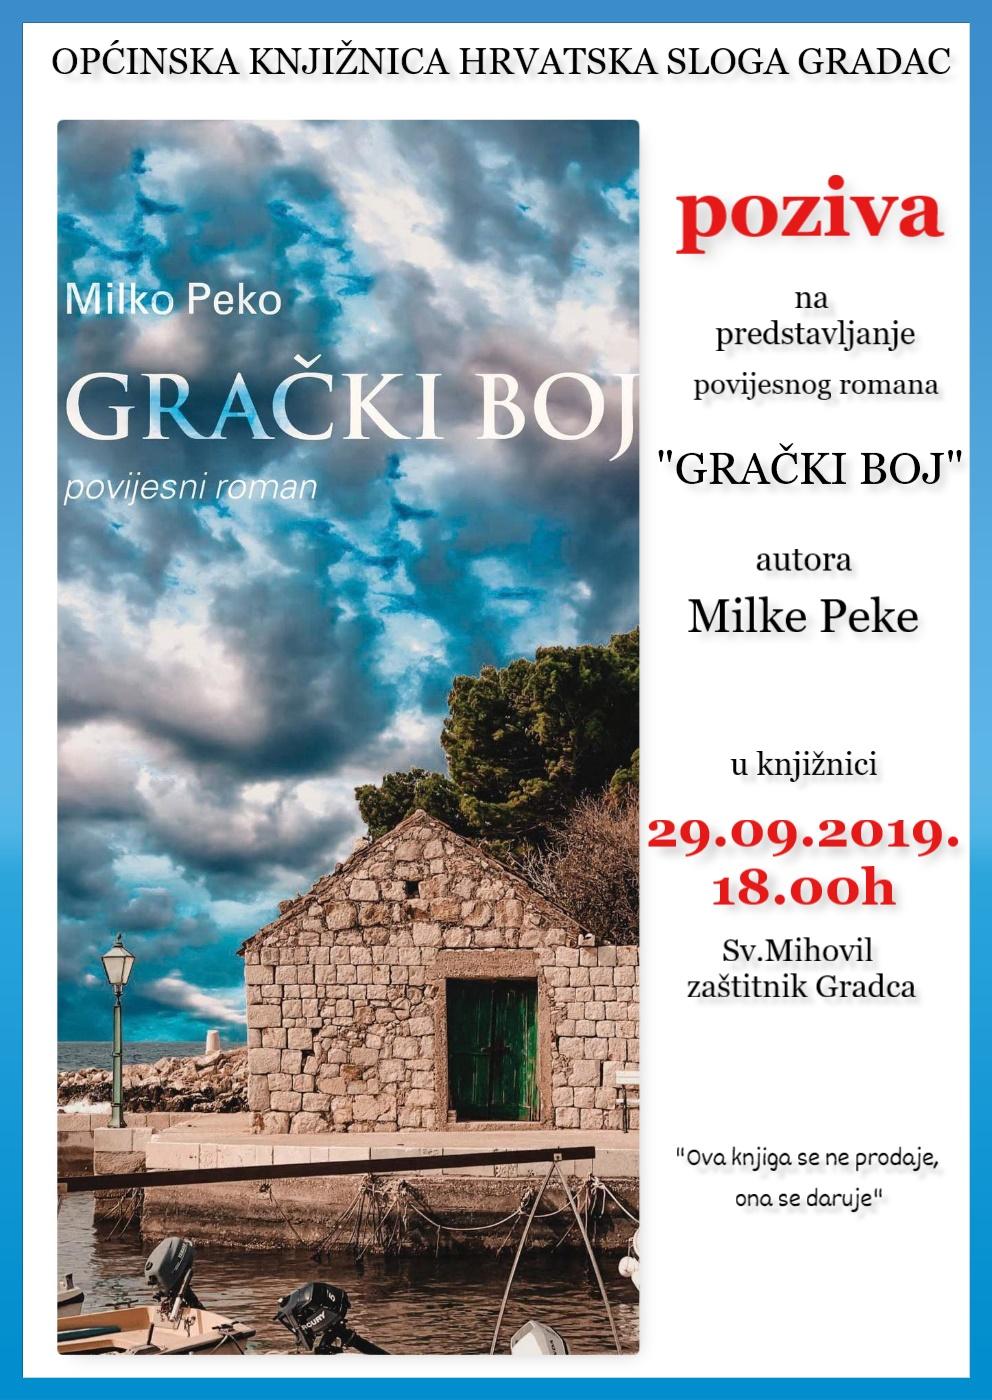 """Predstavljanje povijesnog romana """"Grački boj"""", autora Milke Peke"""